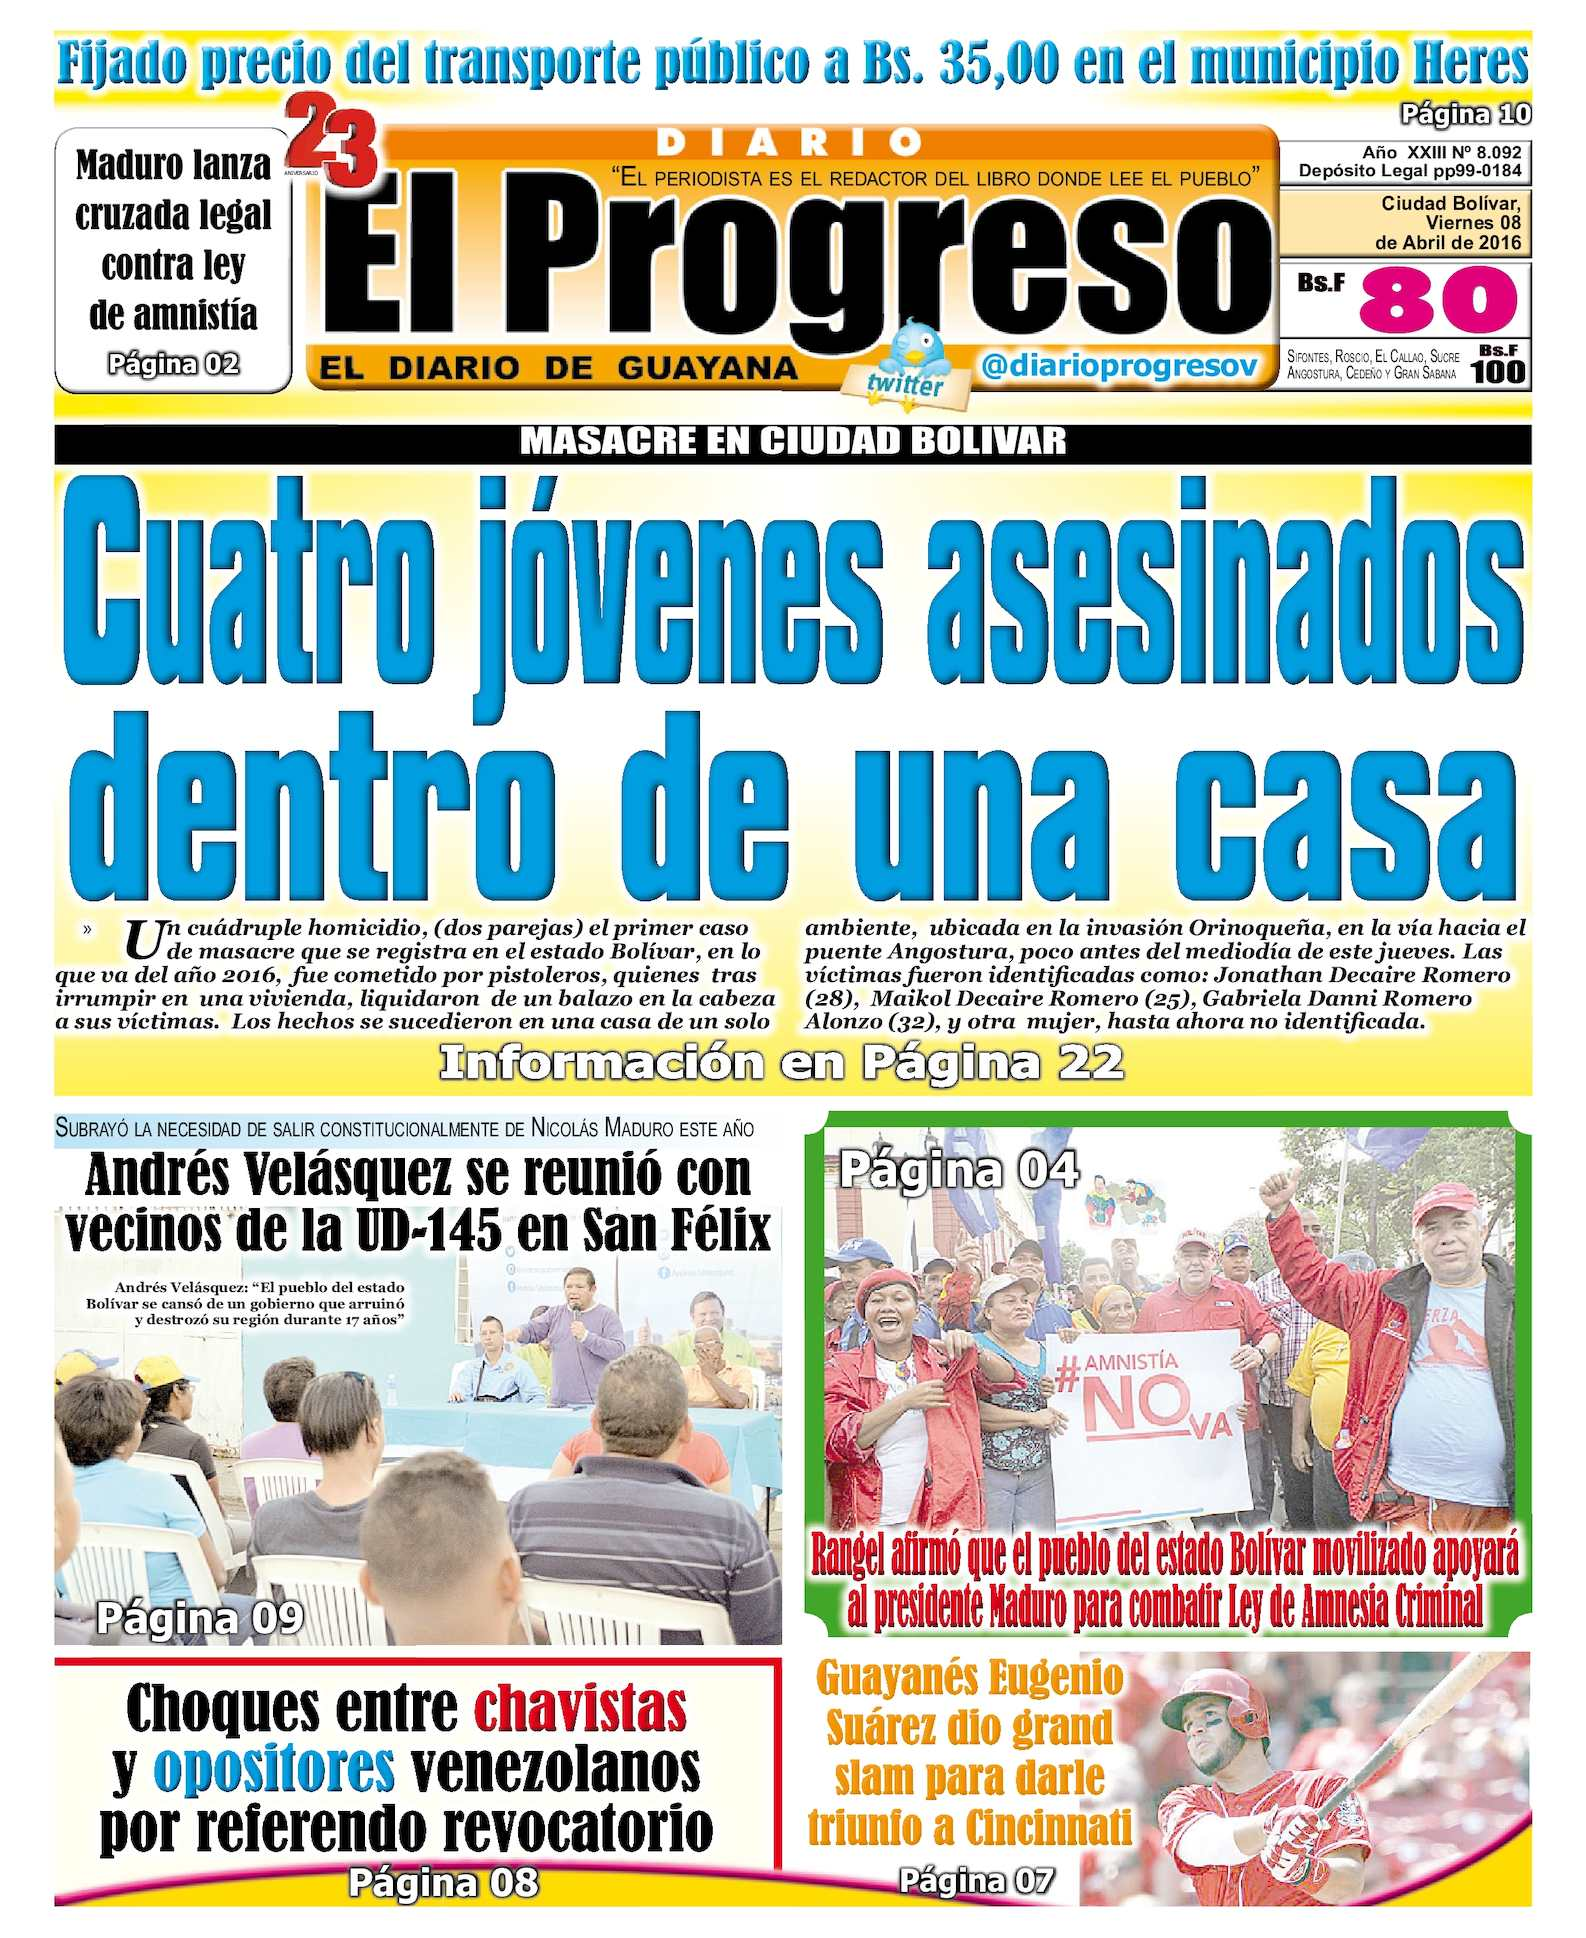 94aaa307a Calaméo - DiarioelprogresoEDICIÓNDIGITAL 08-04-2016